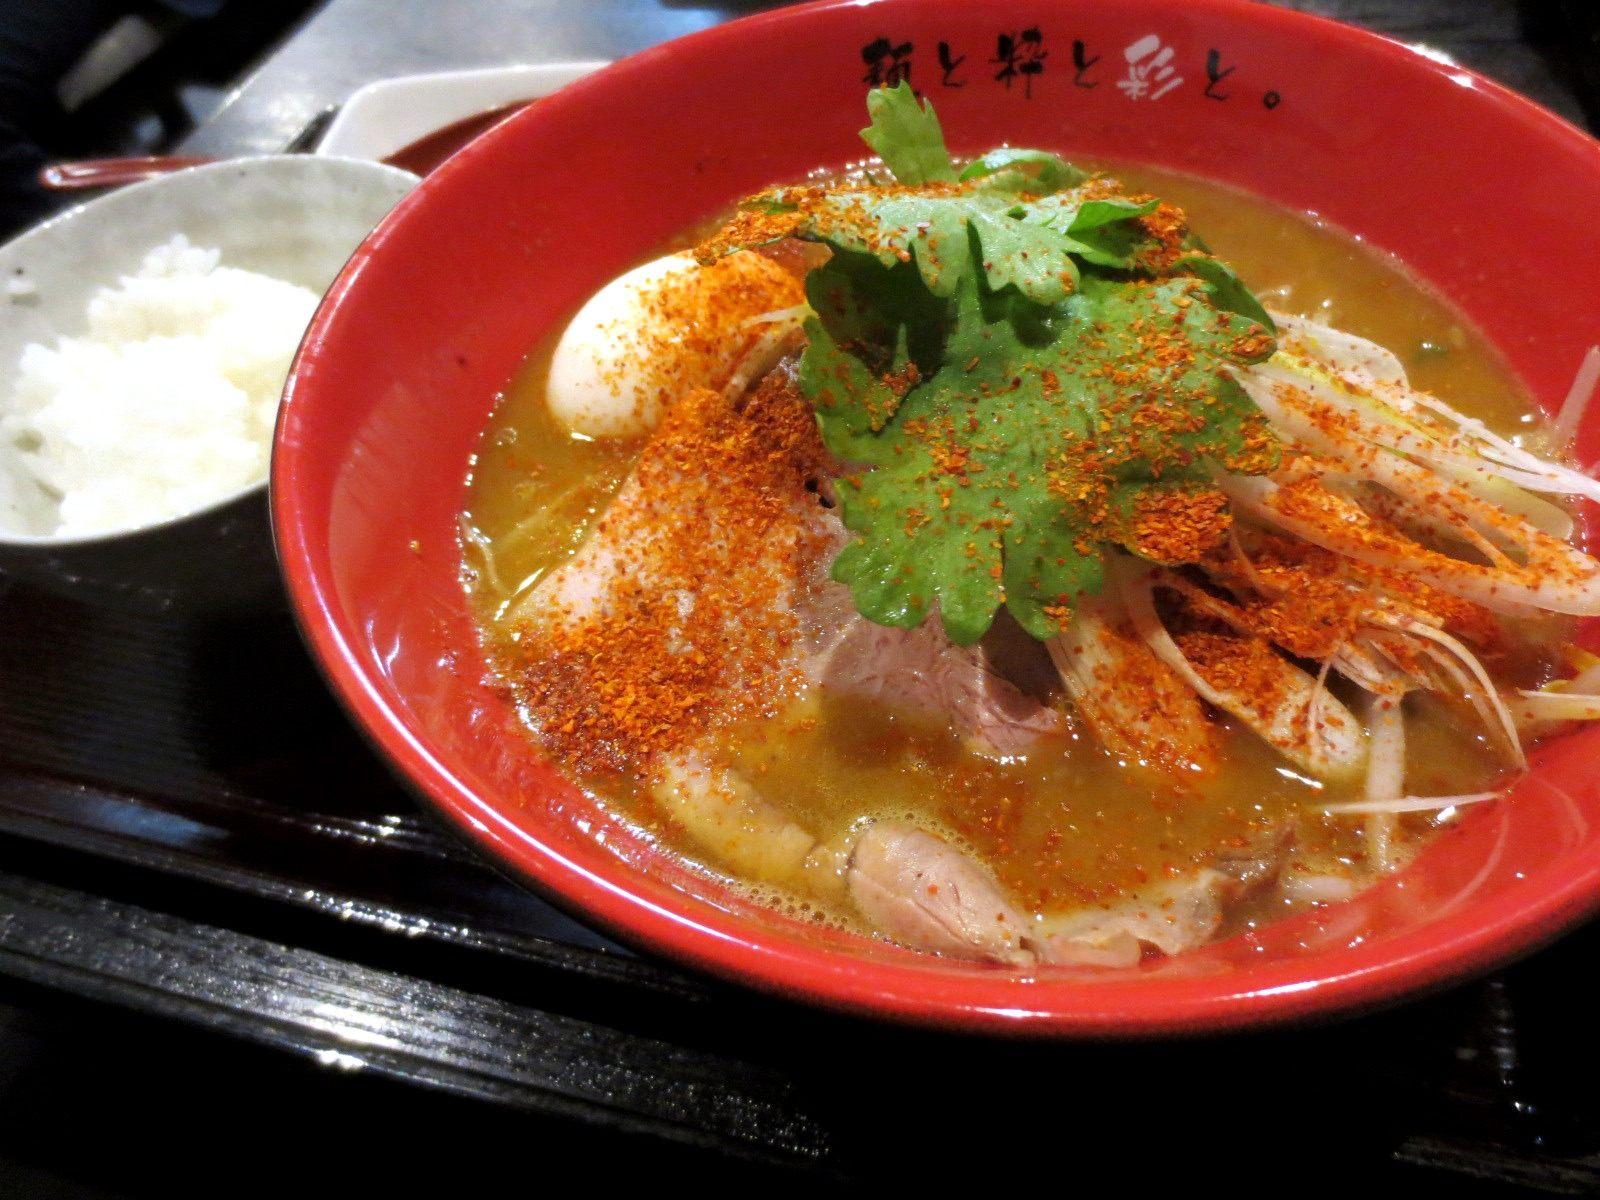 辣味味噌拉麵加小碗白飯(950日圓)